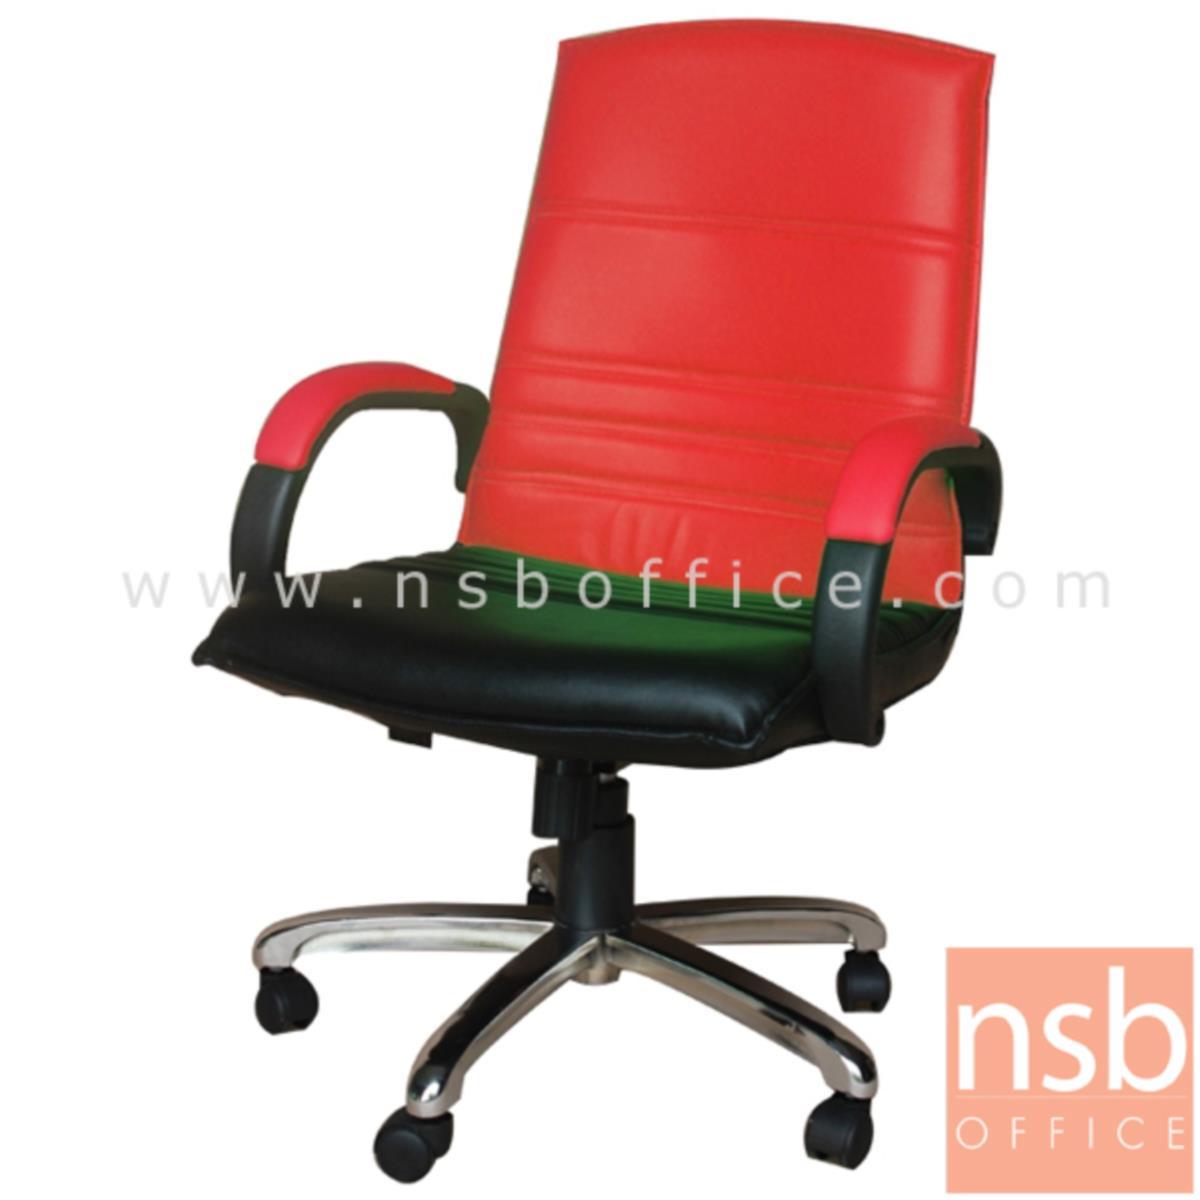 เก้าอี้สำนักงาน รุ่น Arline (อาร์ไลน์)  โช๊คแก๊ส มีก้อนโยก ขาเหล็กชุบโครเมี่ยม